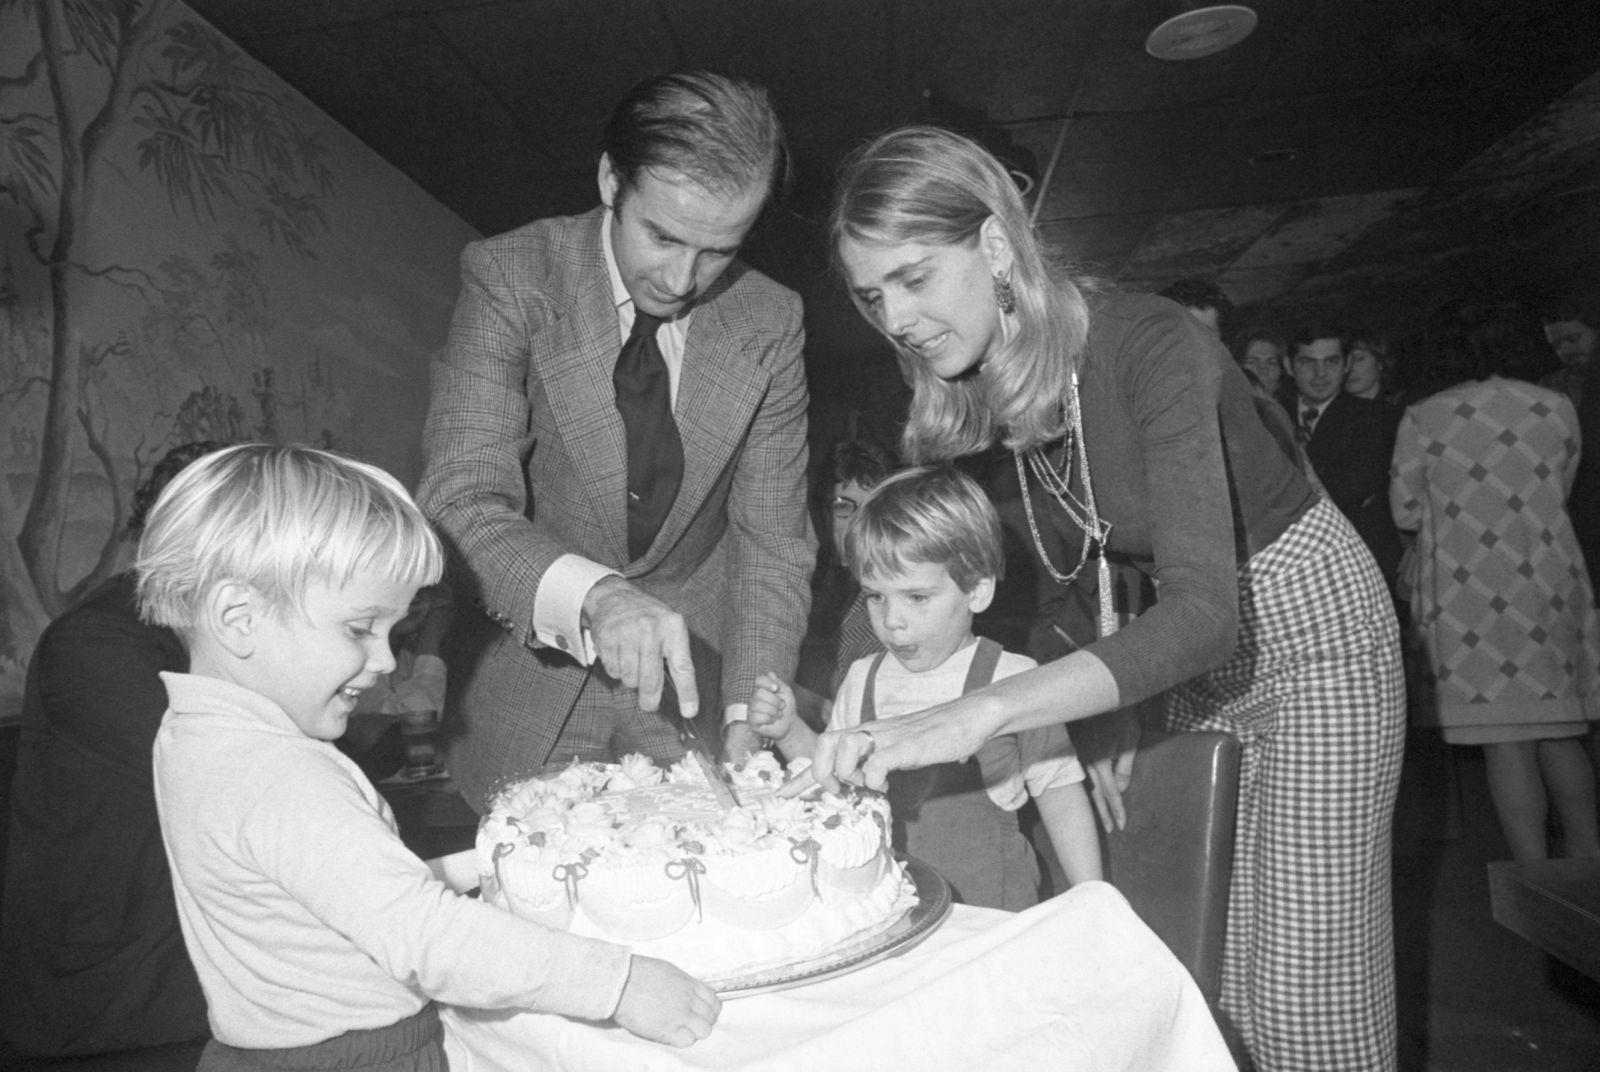 બાઈડન નવેમ્બર,1972માં તેમના 30મા જન્મ દિવસ નિમિતે કેક કાપતા નજરે પડે છે